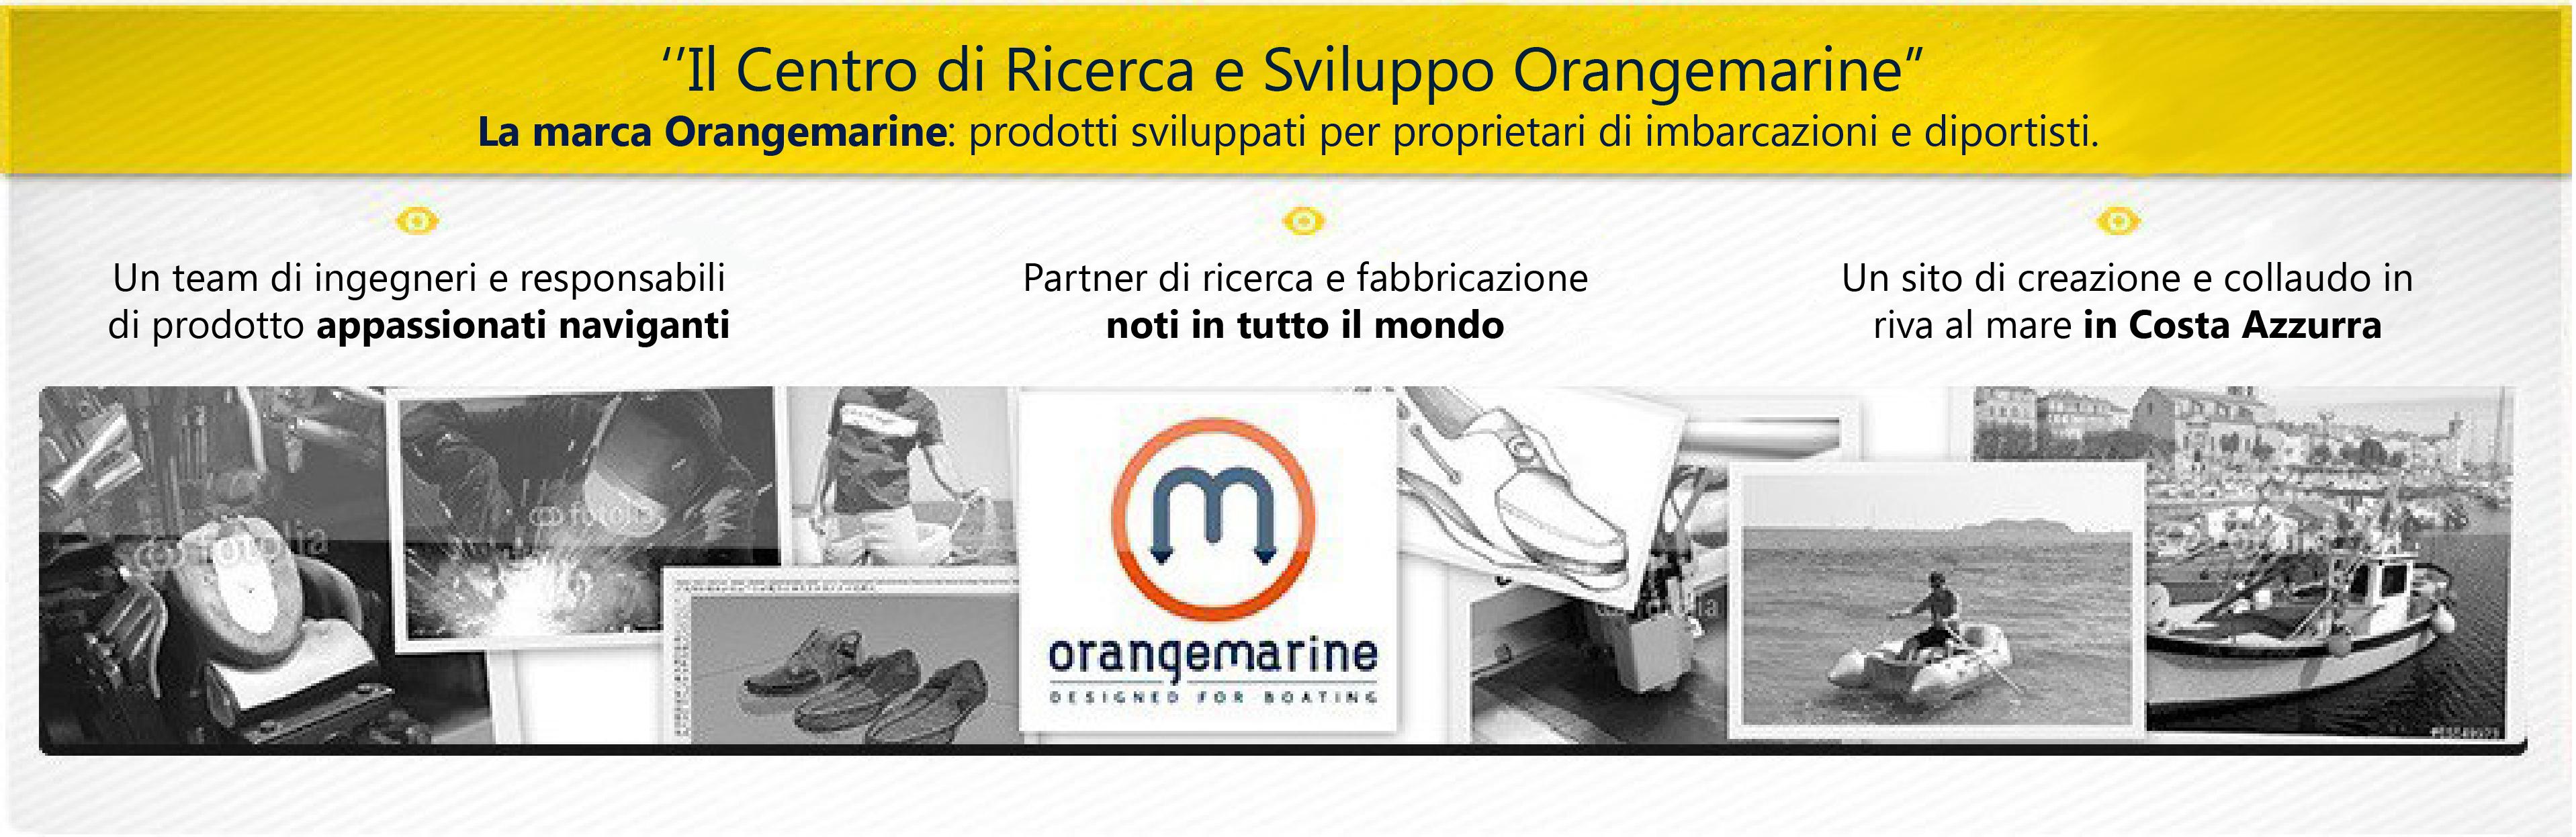 La marca Orangemarine: prodotti sviluppati per proprietari di imbarcazioni e diportisti